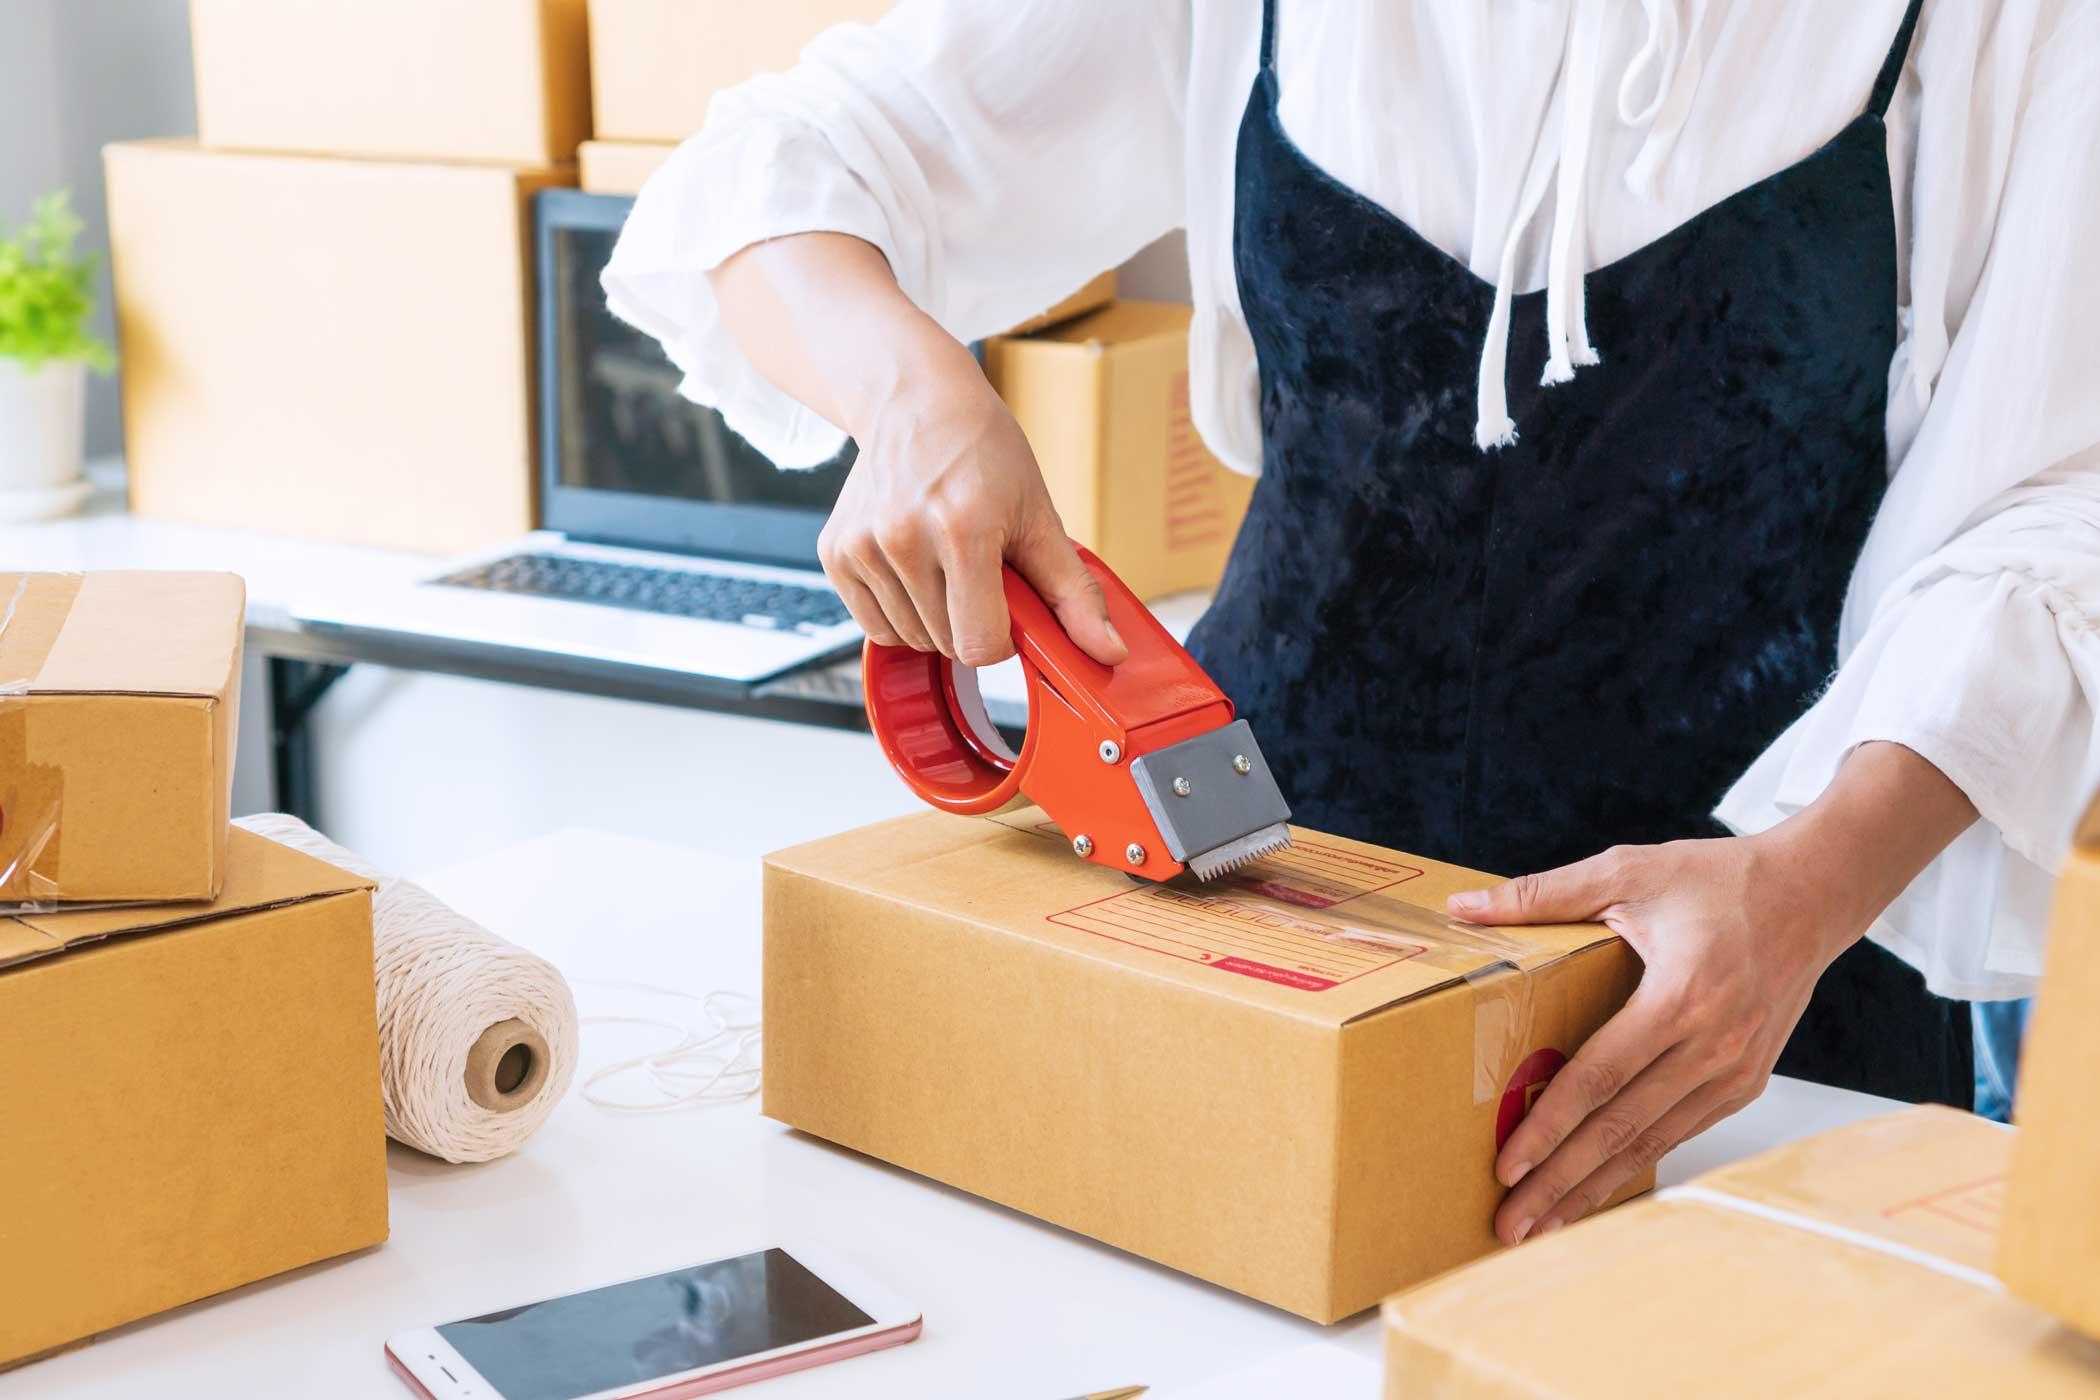 Wprowadzający produkty w opakowaniach obowiązki prawne BDO